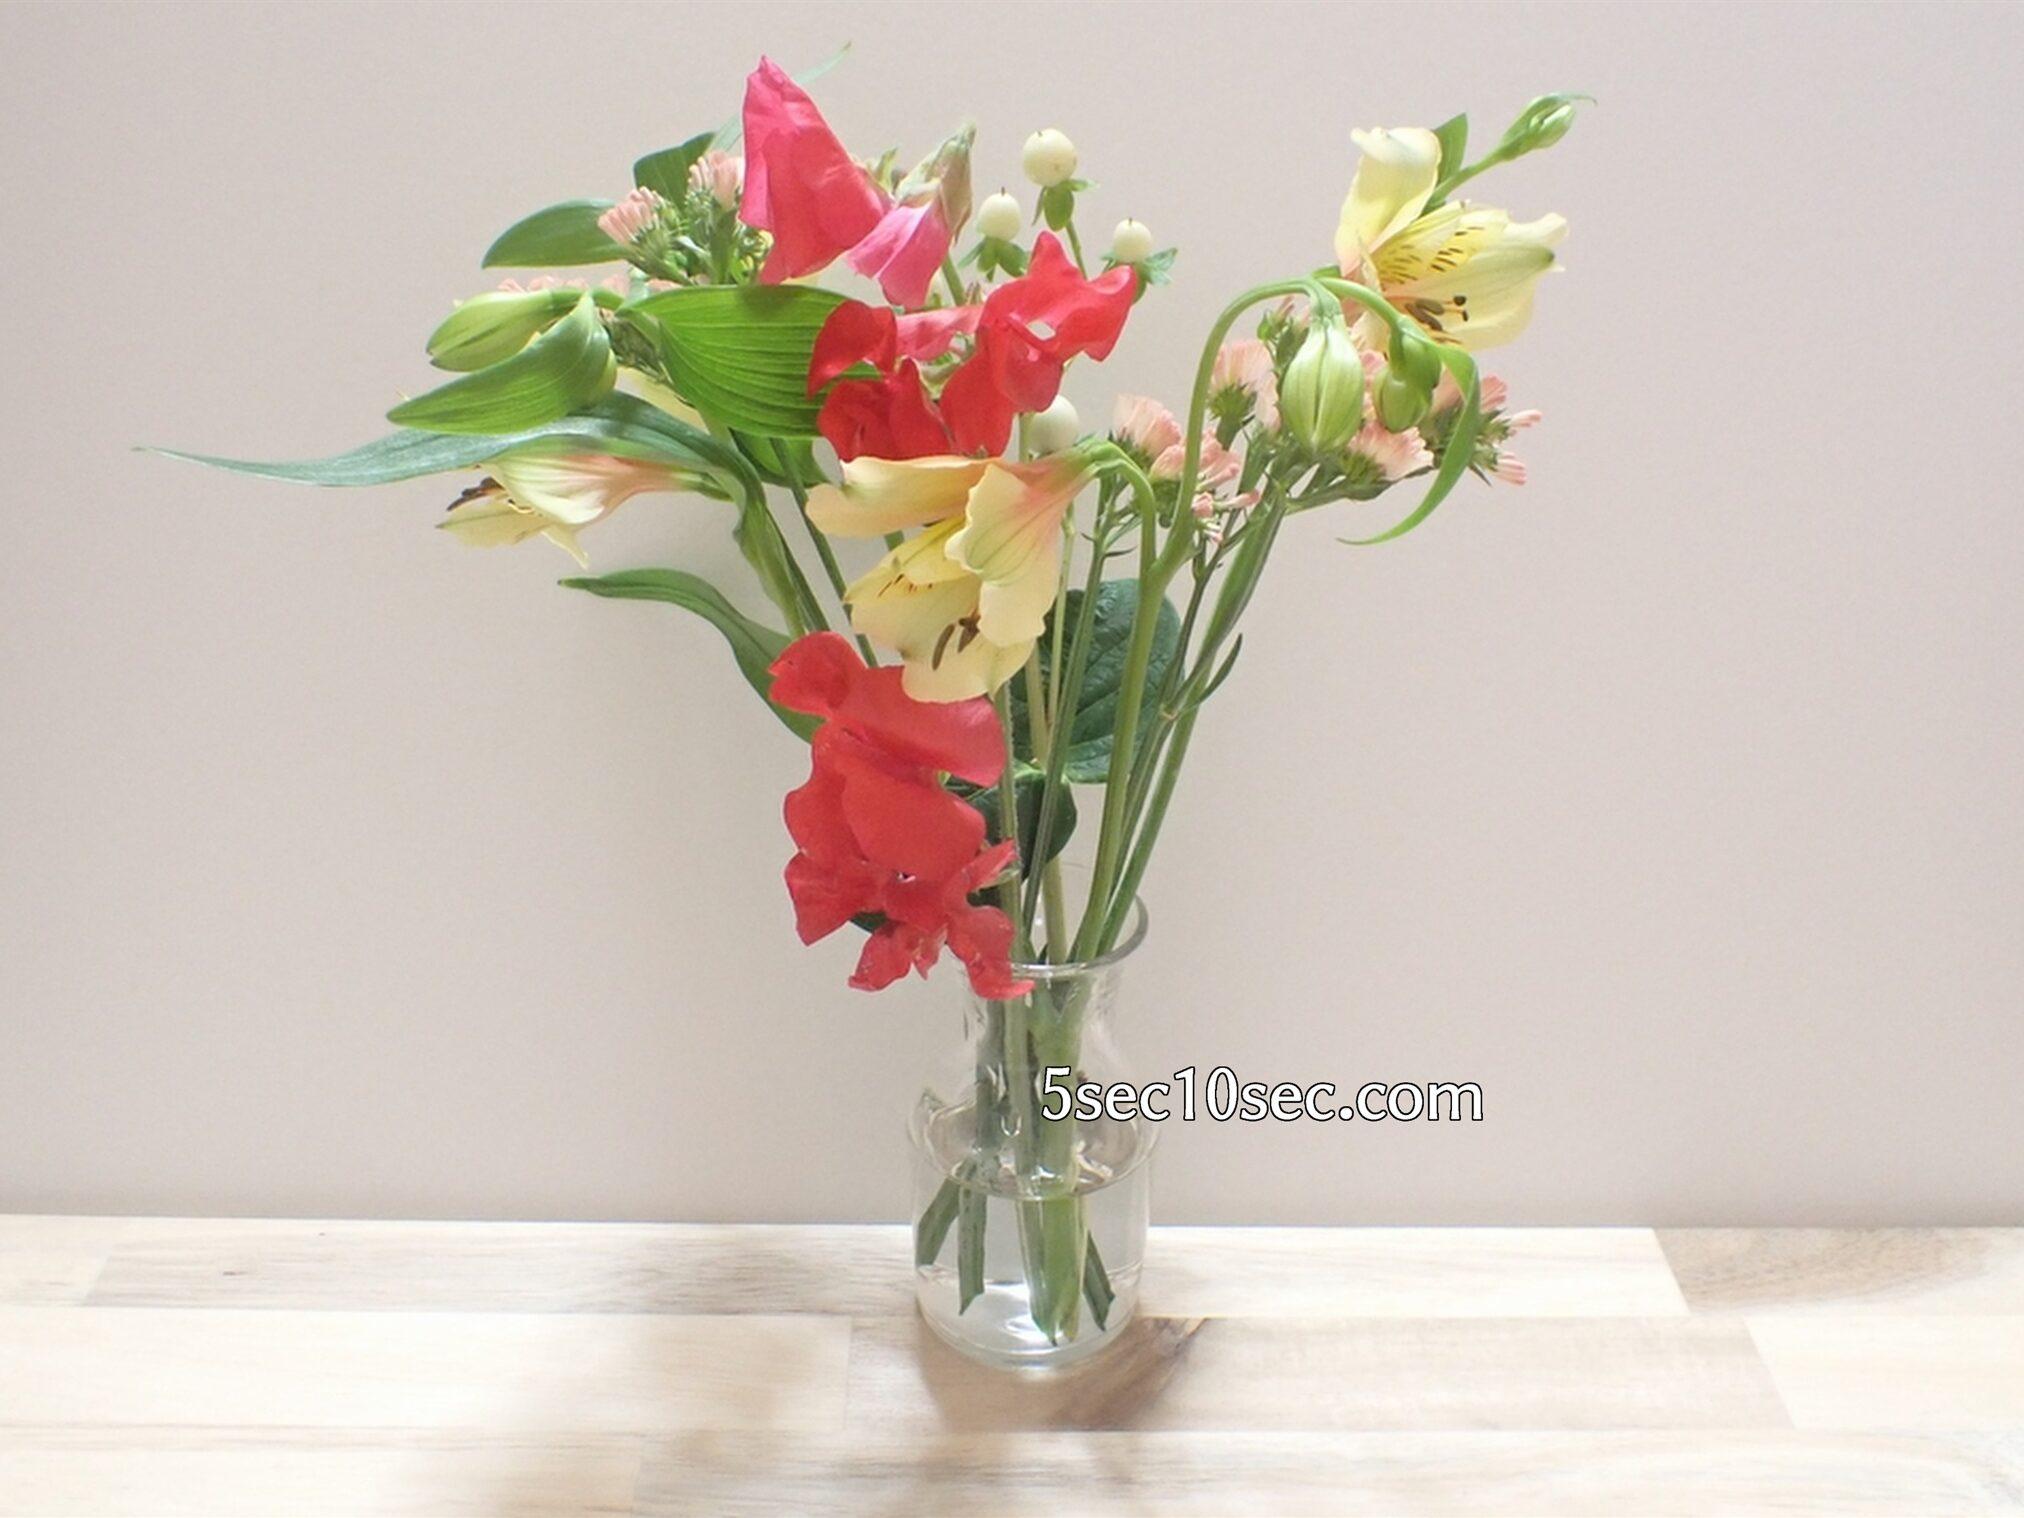 株式会社Crunch Style Bloomee LIFE(ブルーミーライフ)レギュラープラン 2021年1月のお花を花瓶に生けた写真